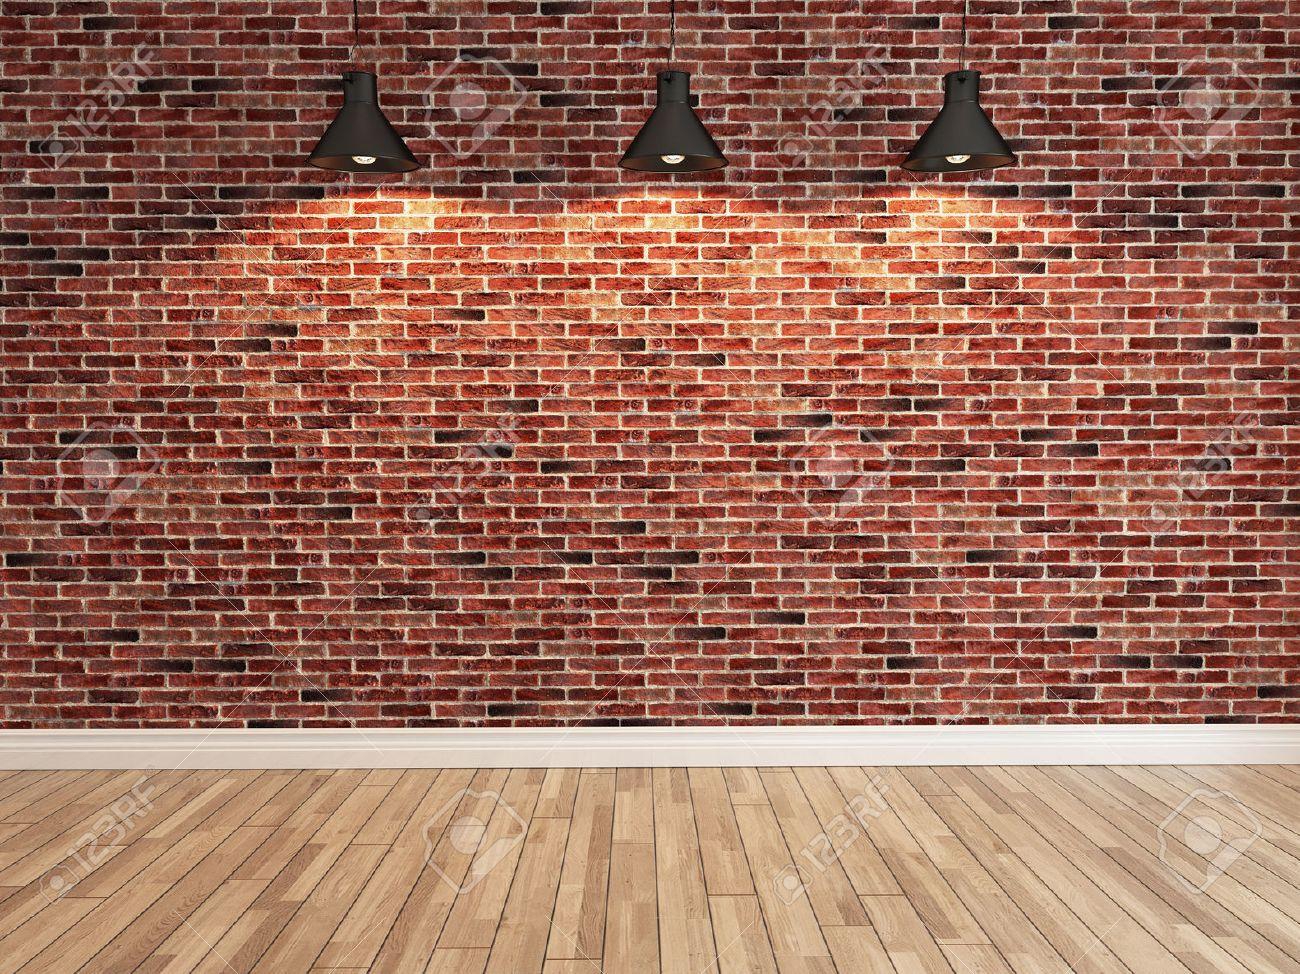 Banque Du0027images   Intérieur Mur De Briques Rouges Décoration Sous La  Lumière, Le Motif De Mur Intérieur Et Trois Arrière Plan